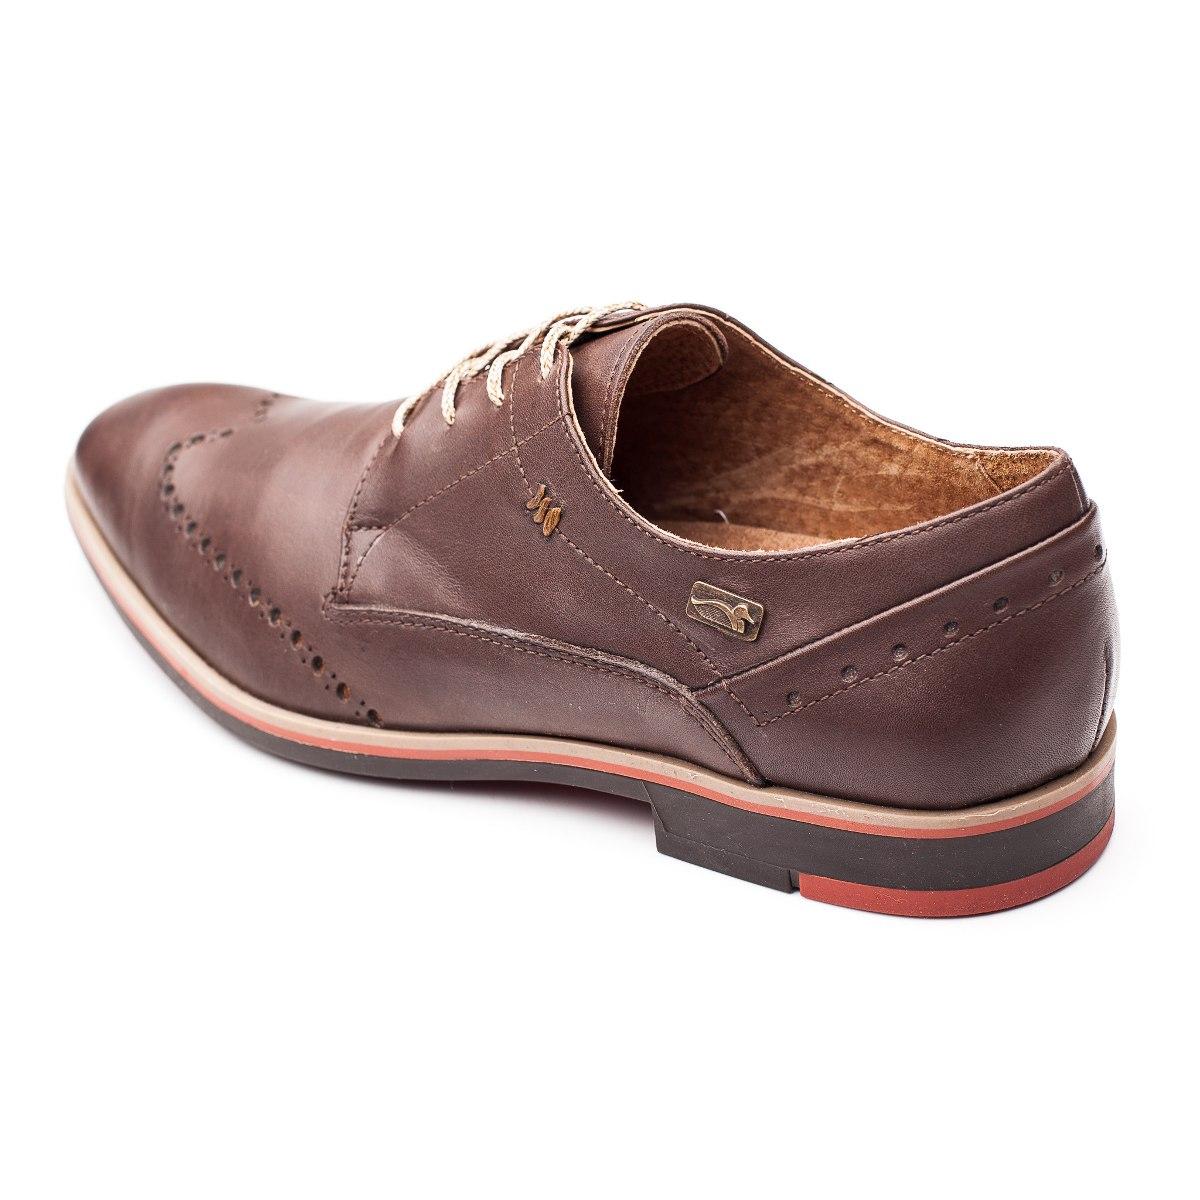 311cc08751d zapato hombre cuero chocolate pato pampa -picado-. Cargando zoom.